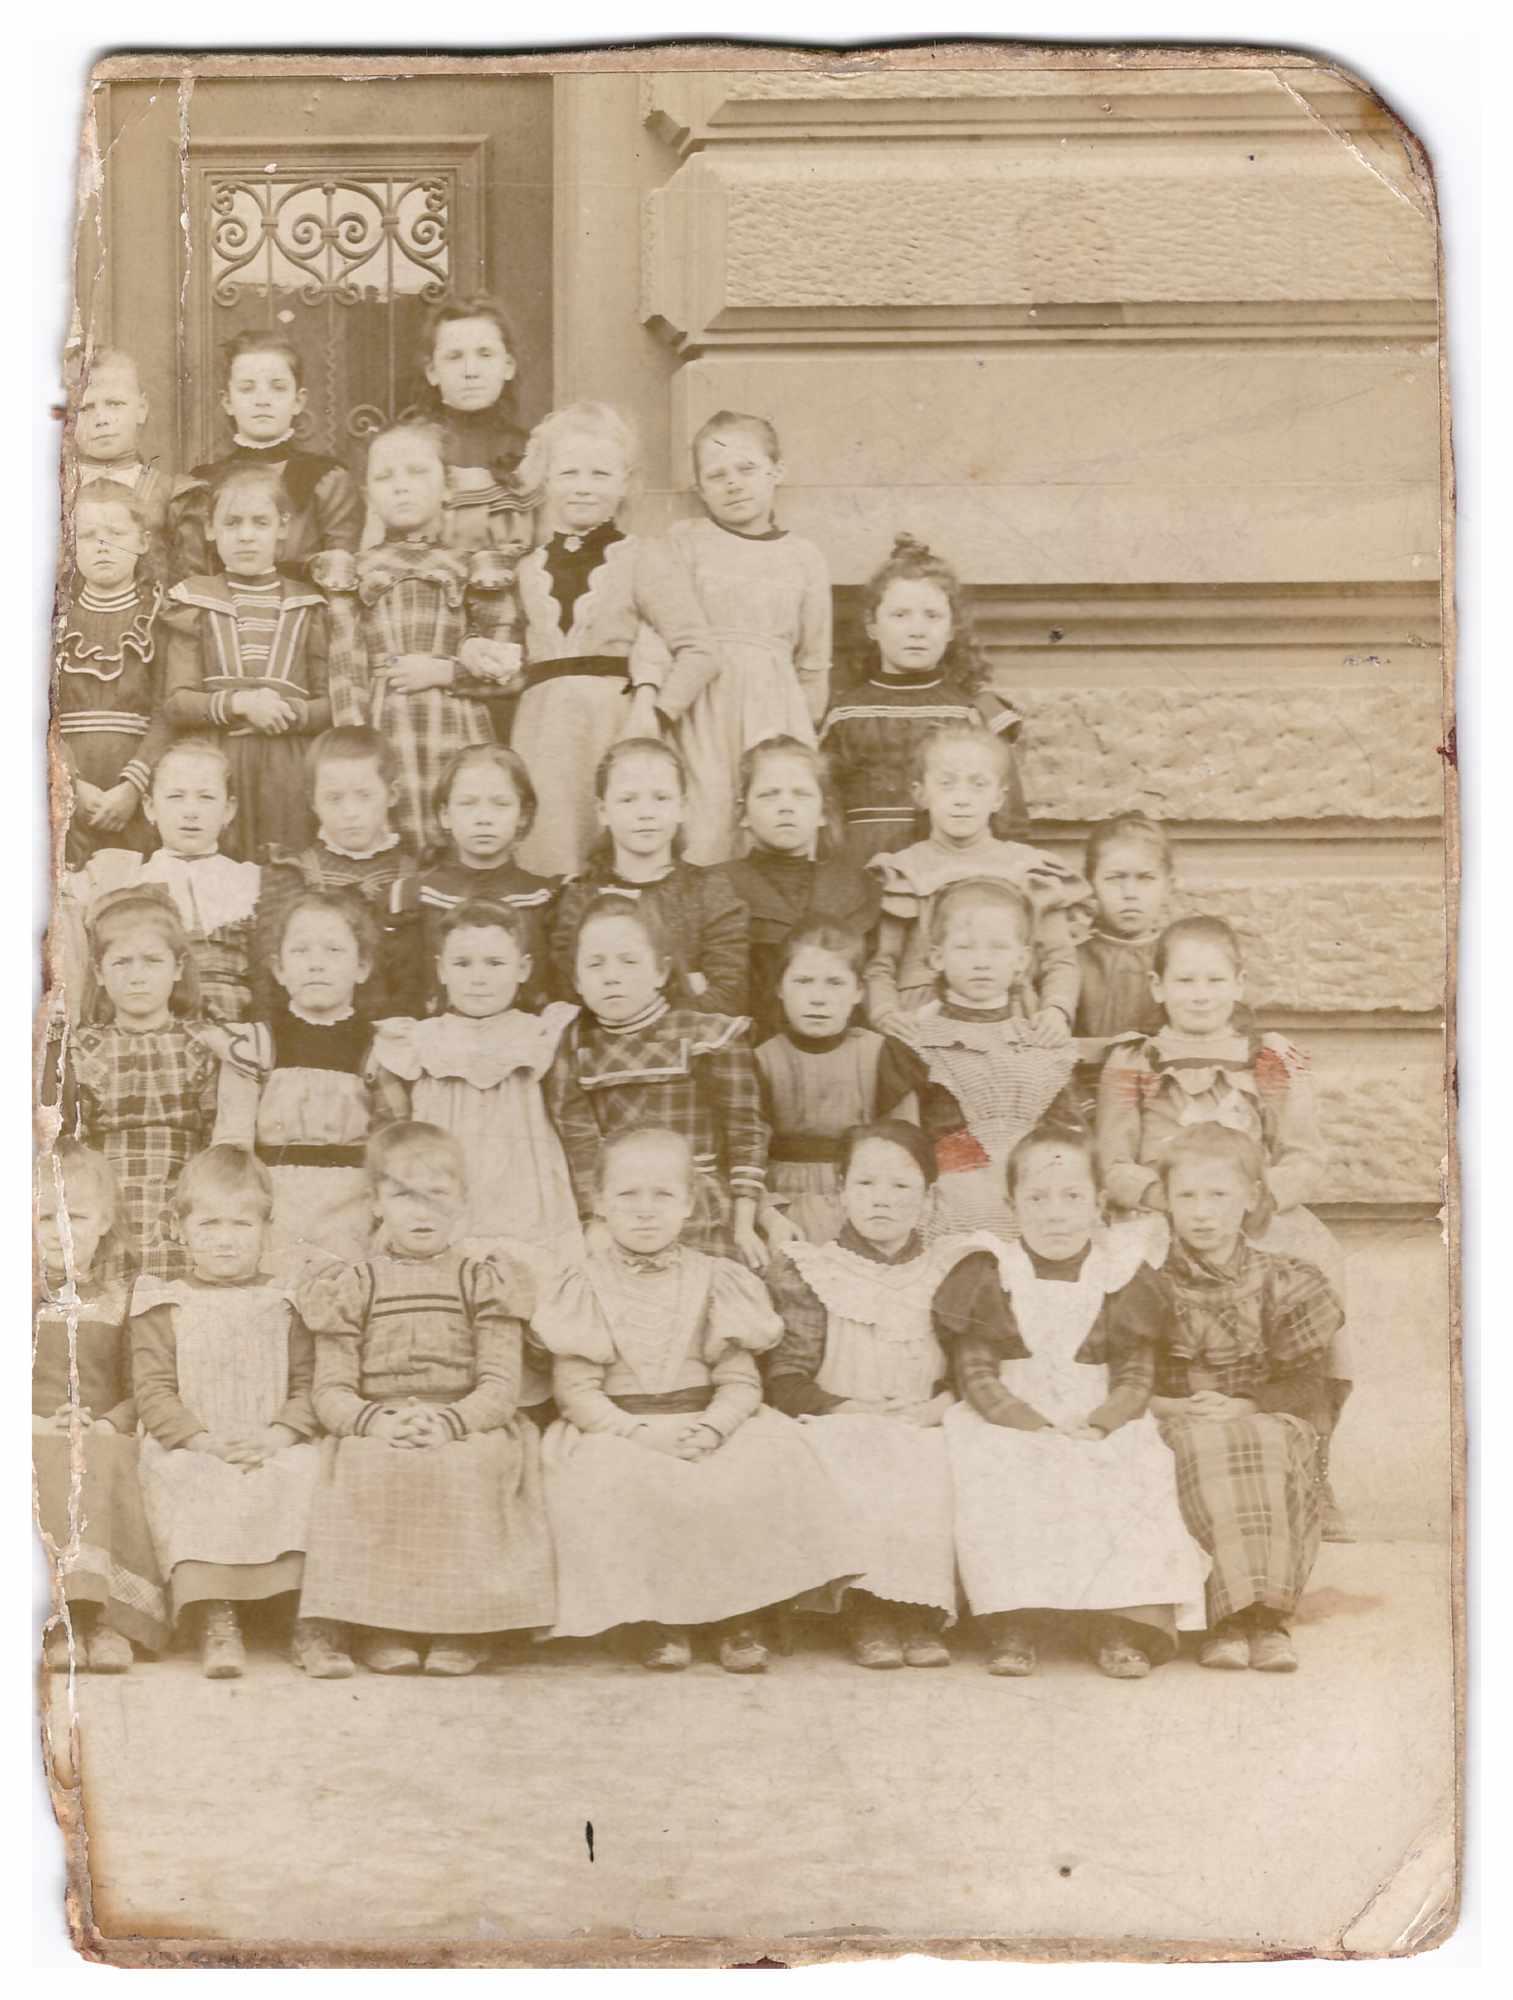 Bild: Klassenfoto einer Mädchenklasse, Ort und Datum unbekannt Foto ist unvollständig